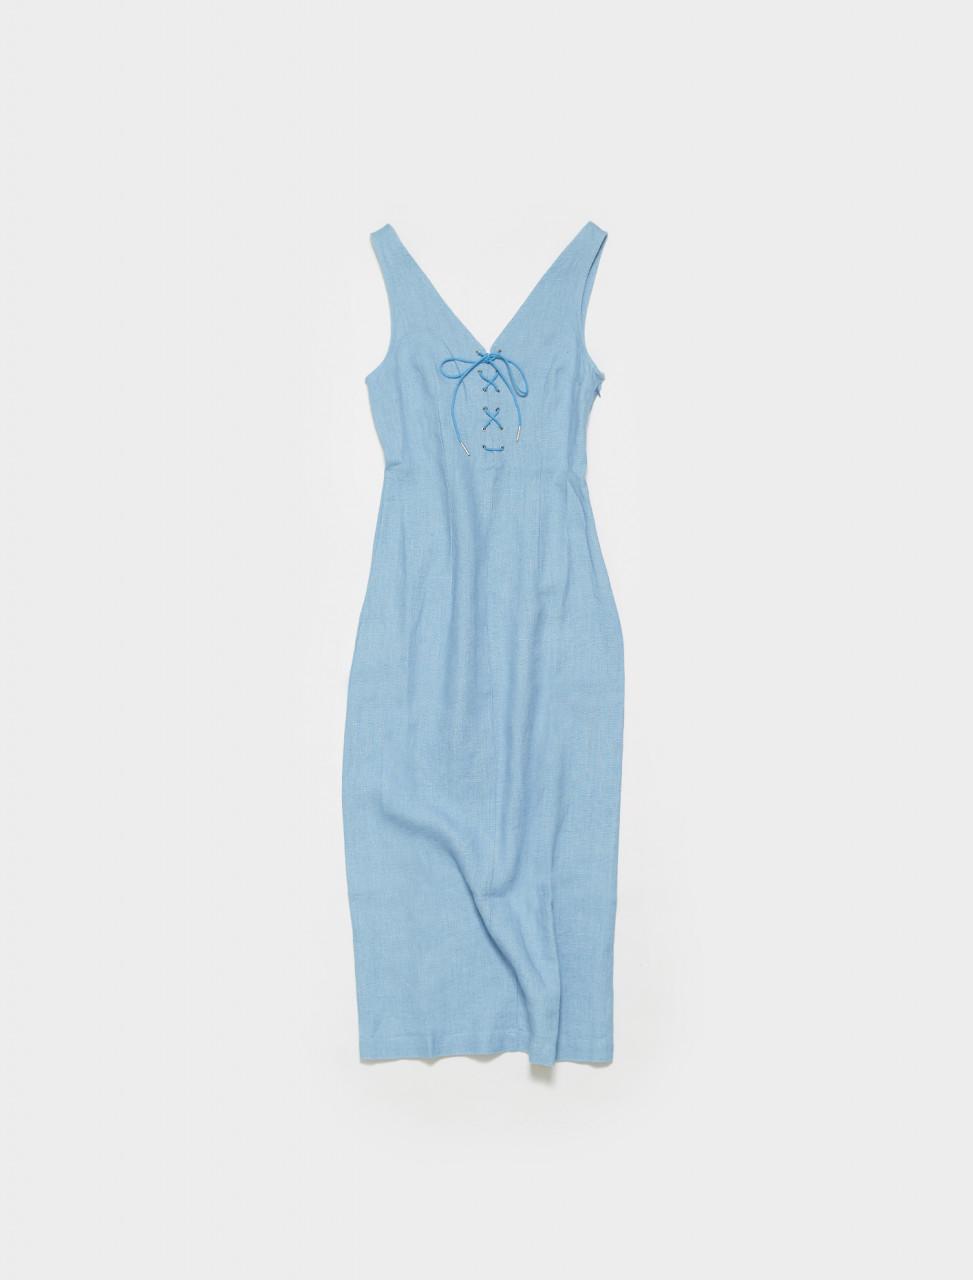 PWM026-120 PALOMA WOOL EMMA LONG LINEN DRESS IN LIGHT BLUE